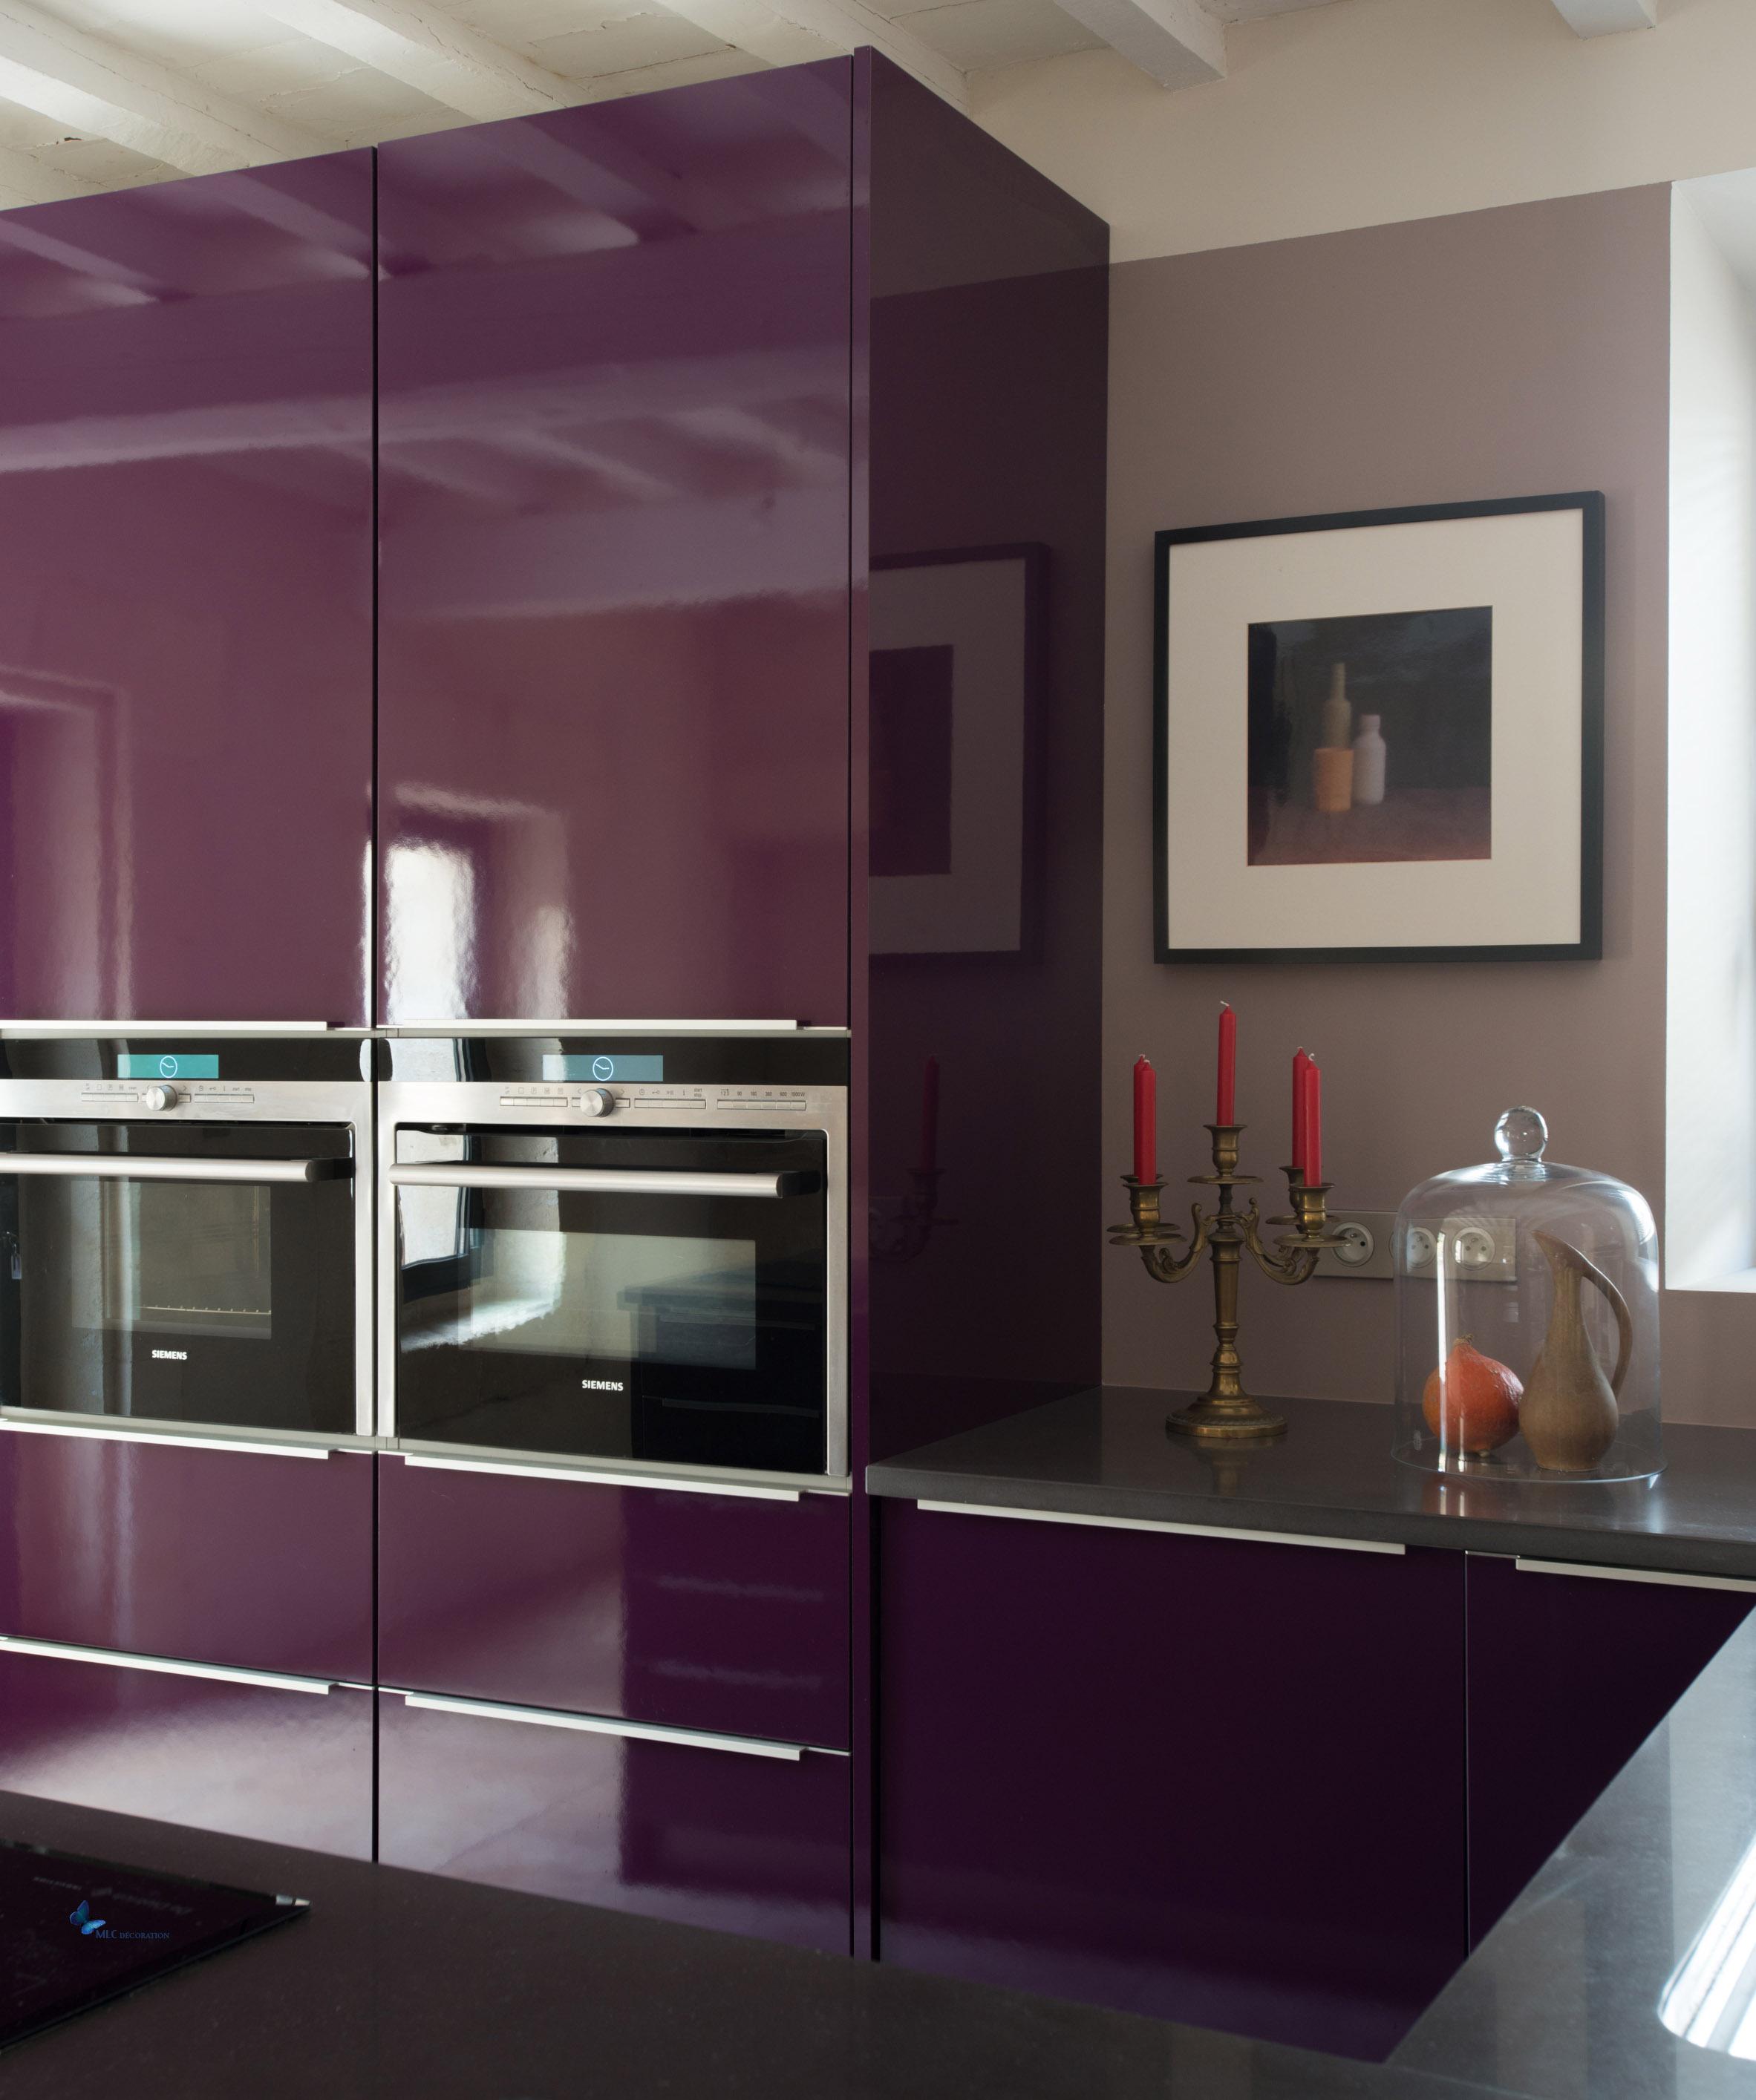 Couleur Mur Cuisine Blanche Et Grise des jolies couleurs pour la cuisine : grise, noire